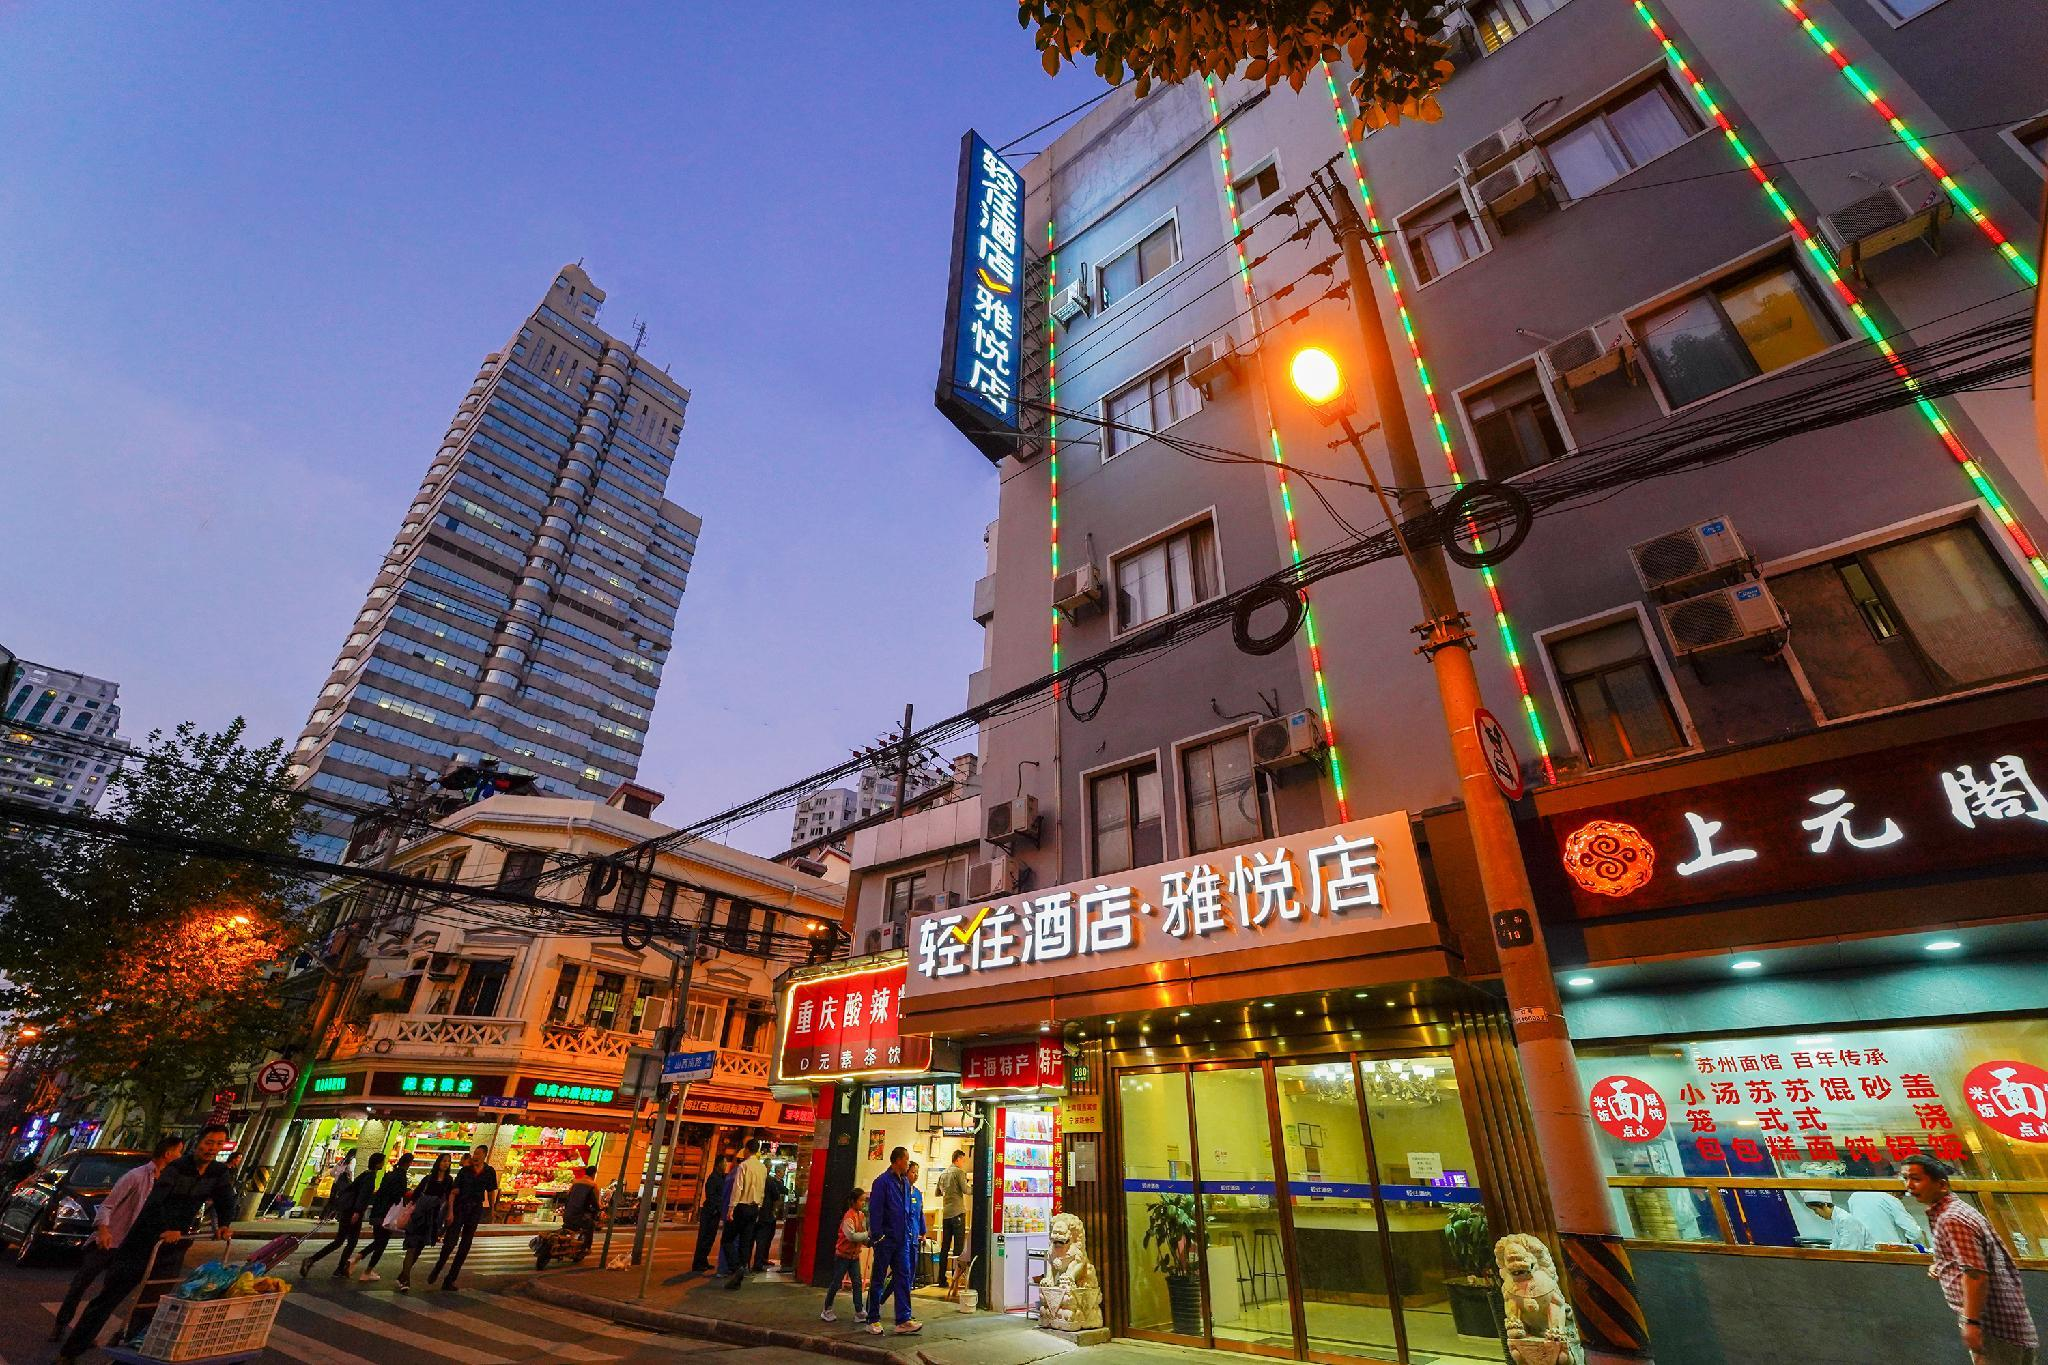 Qingzhu Hotel   Yayue Branch Shanghai East Nanjing Road Pedestrian Street